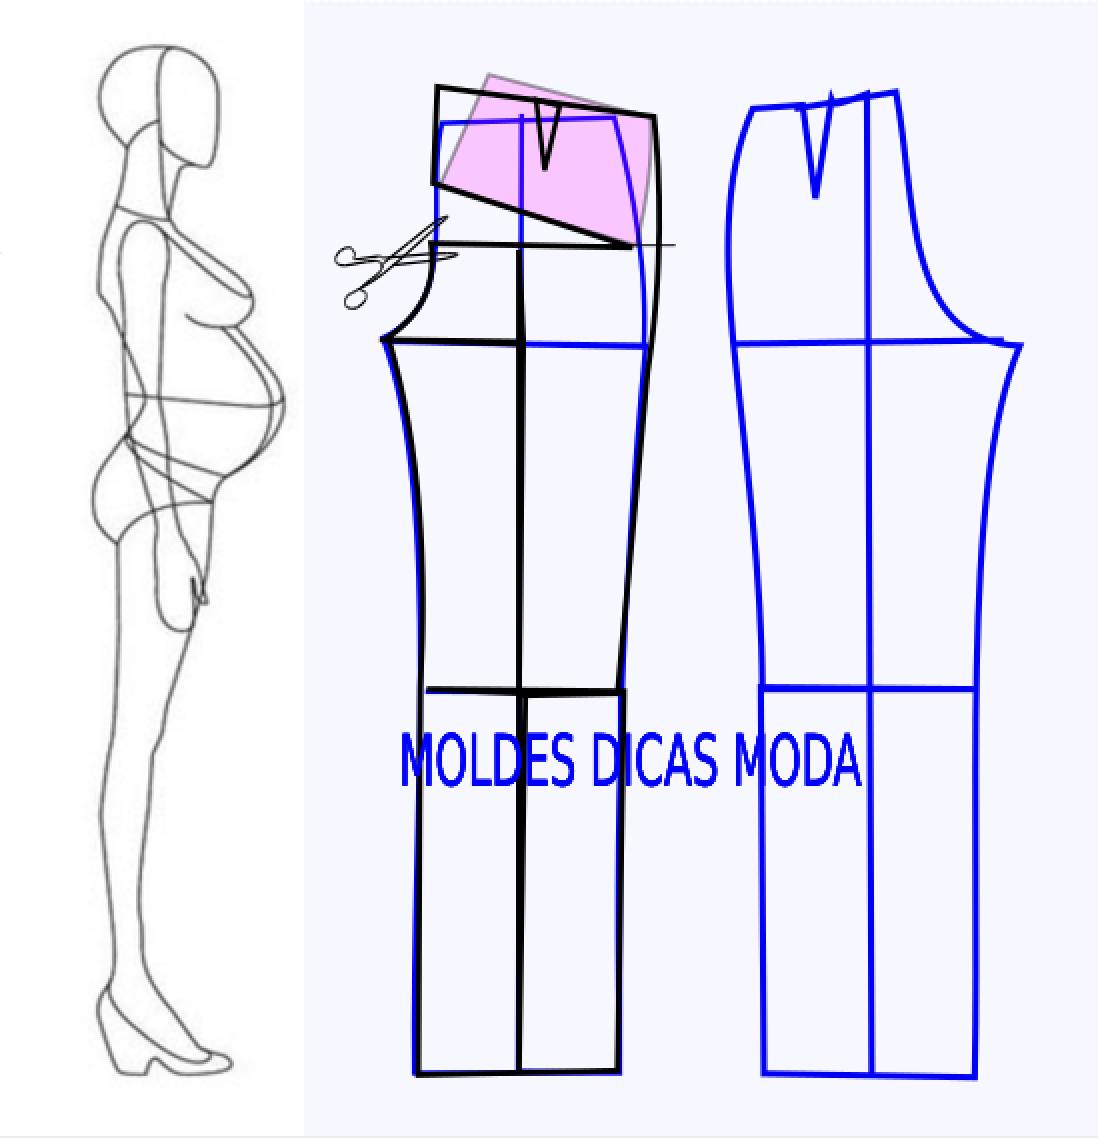 Detalhes e design de calças | Costura, Molde y Patrones